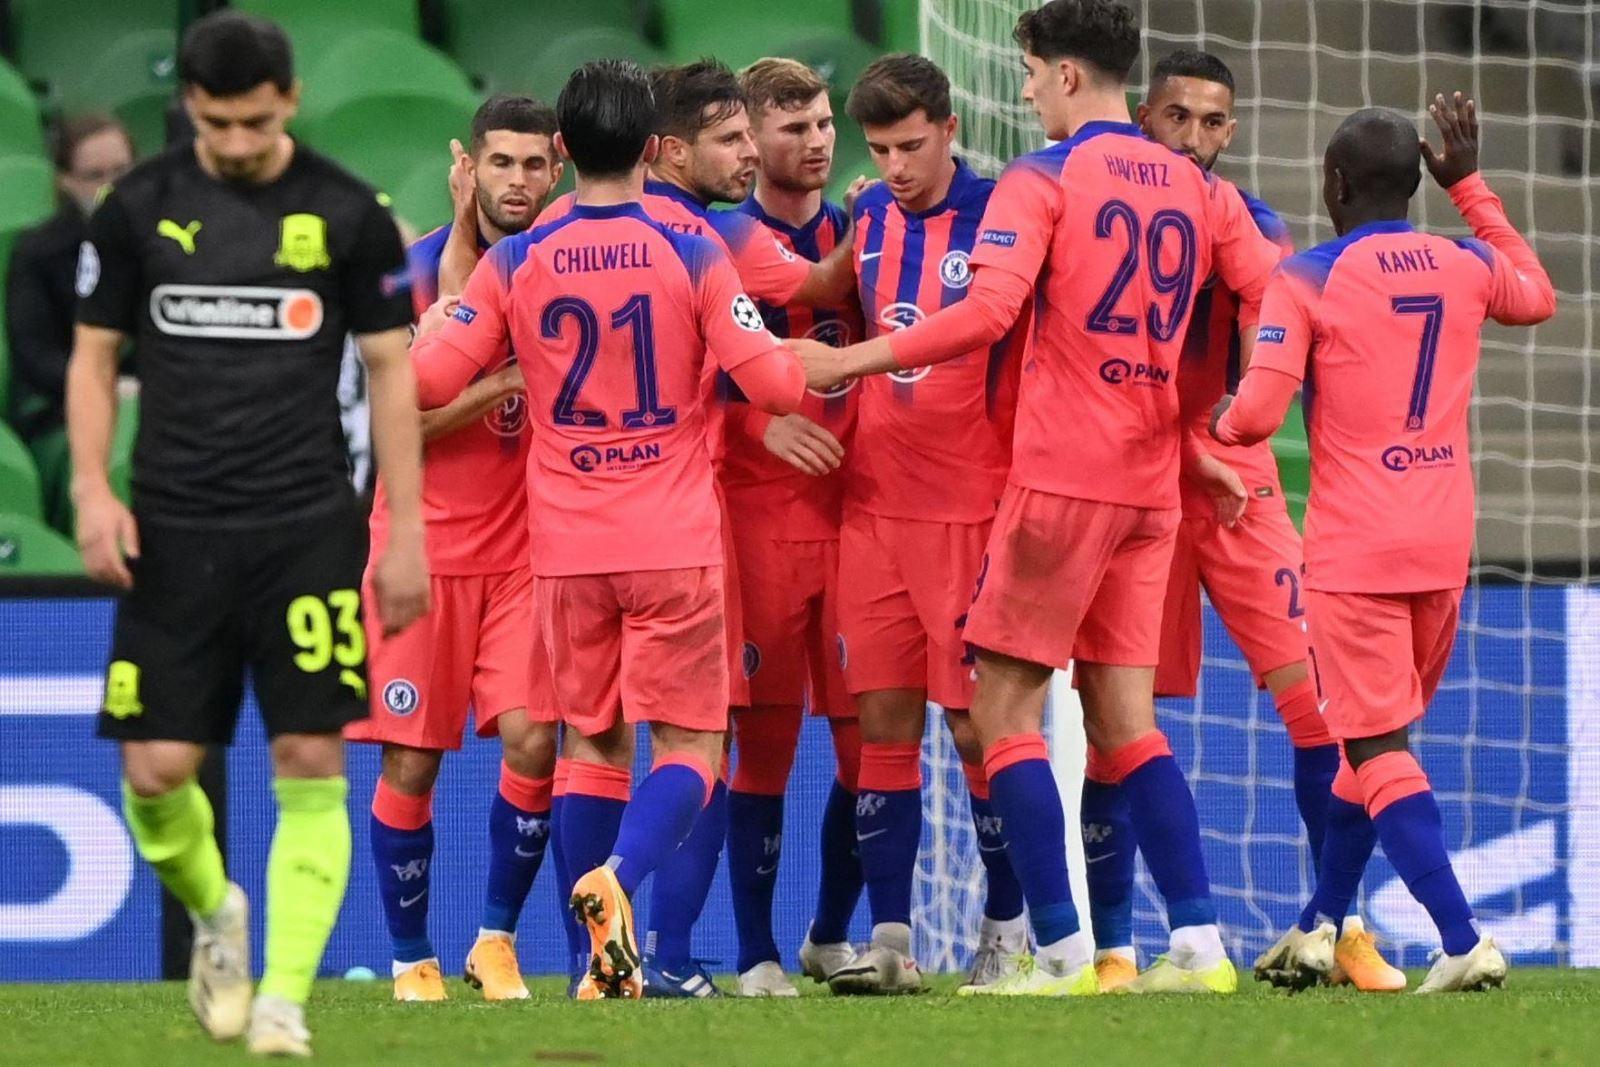 Video Krasnodar vs Chelsea. Video clip bàn thắng trậnKrasnodar vs Chelsea.Kết quảbóng đá trực tuyến Krasnodar đấu với Chelsea. Kết quả vòng bảng cúp C1 châu Âu